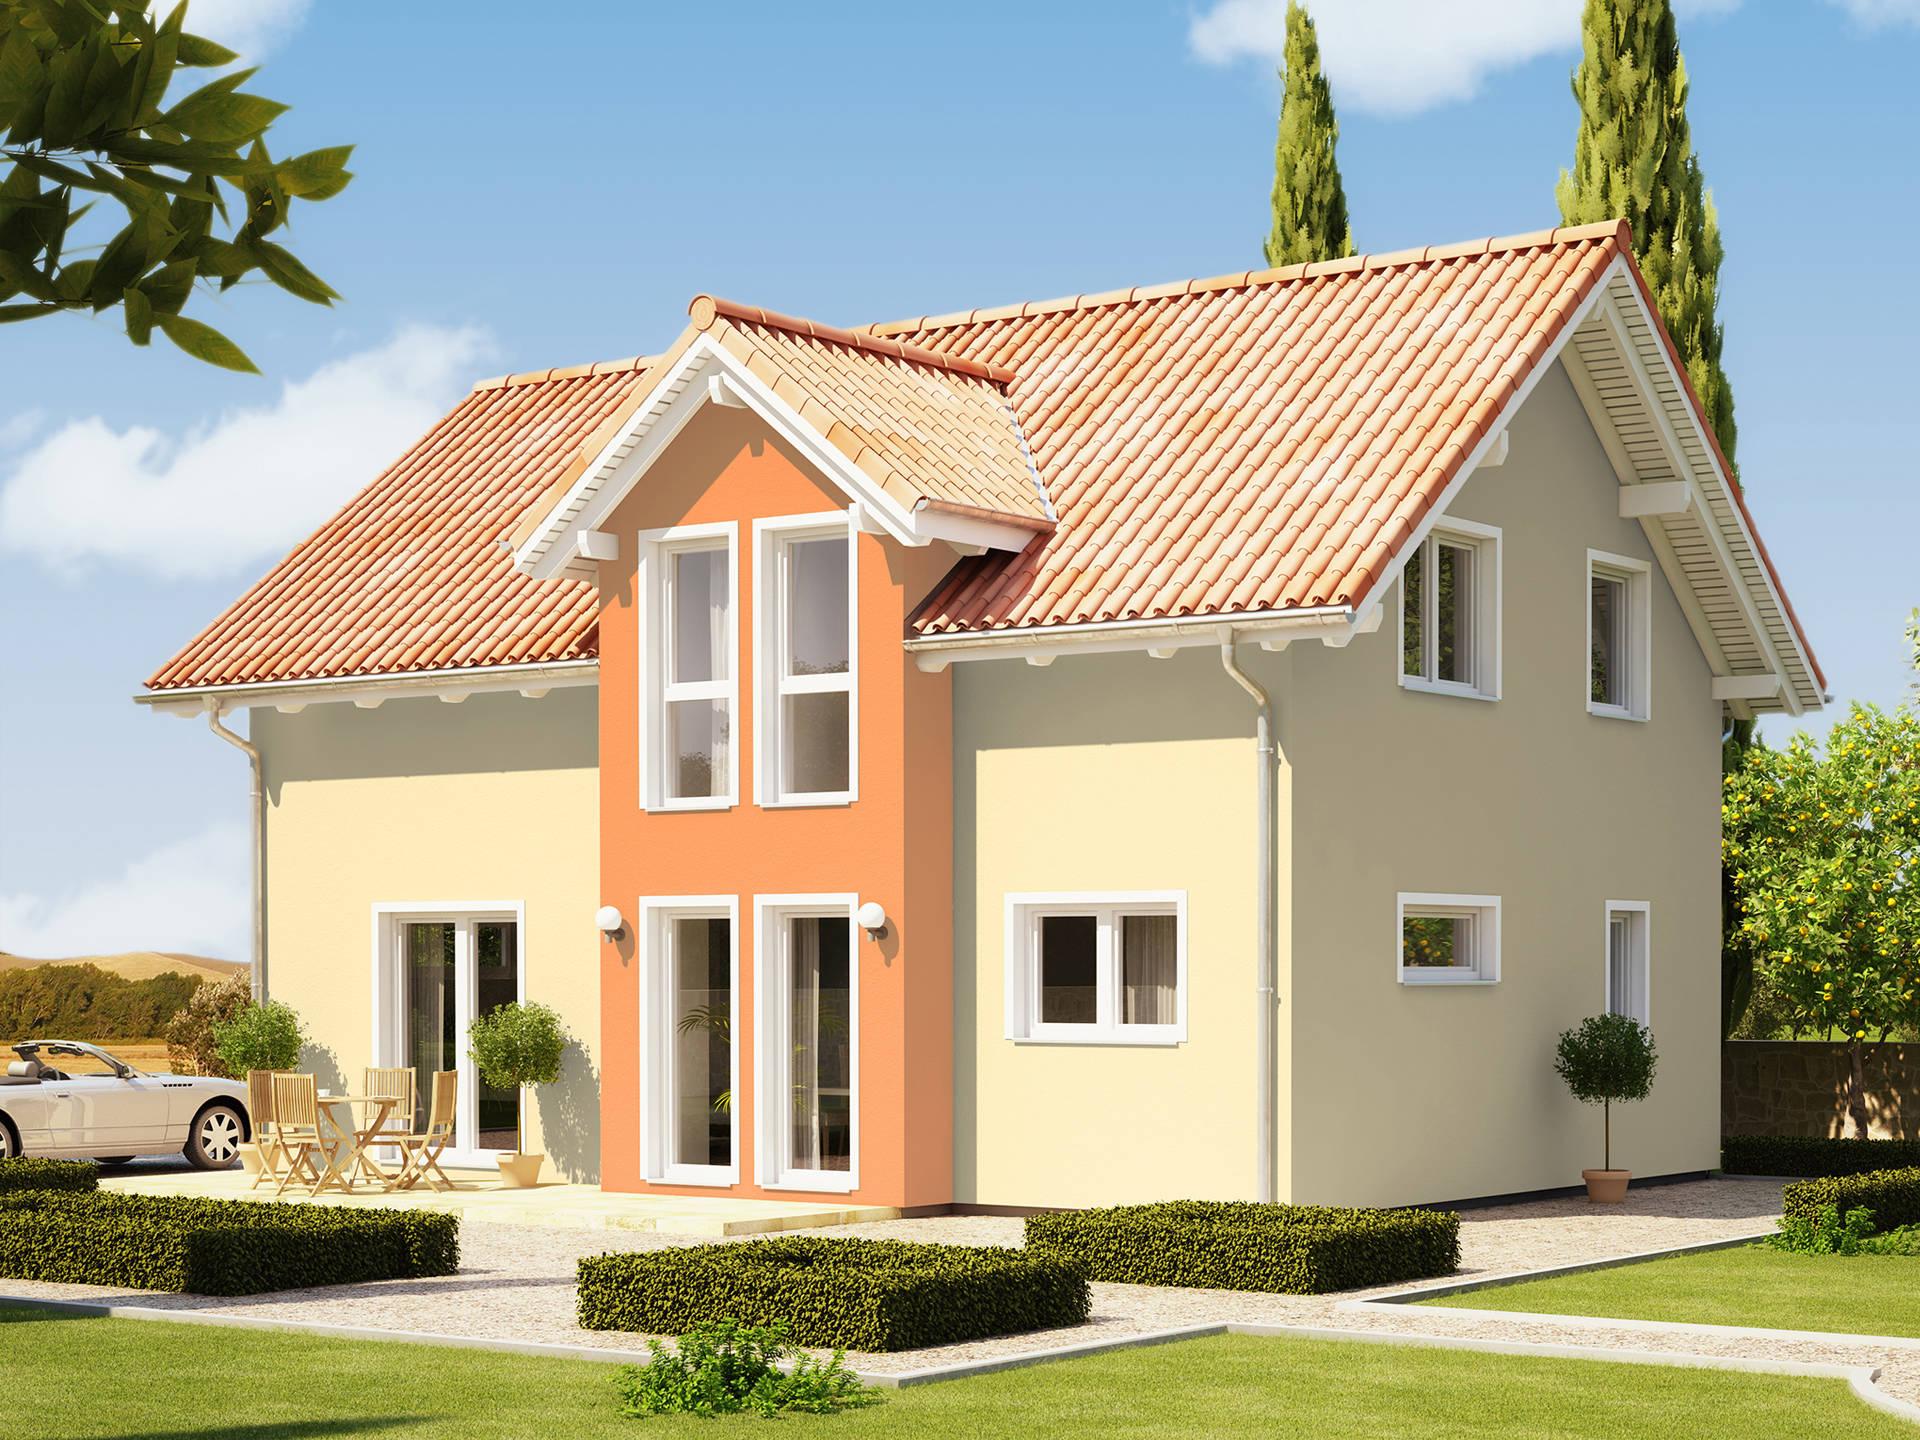 volution 135 V2 - infamilienhaus - Bien-Zenker